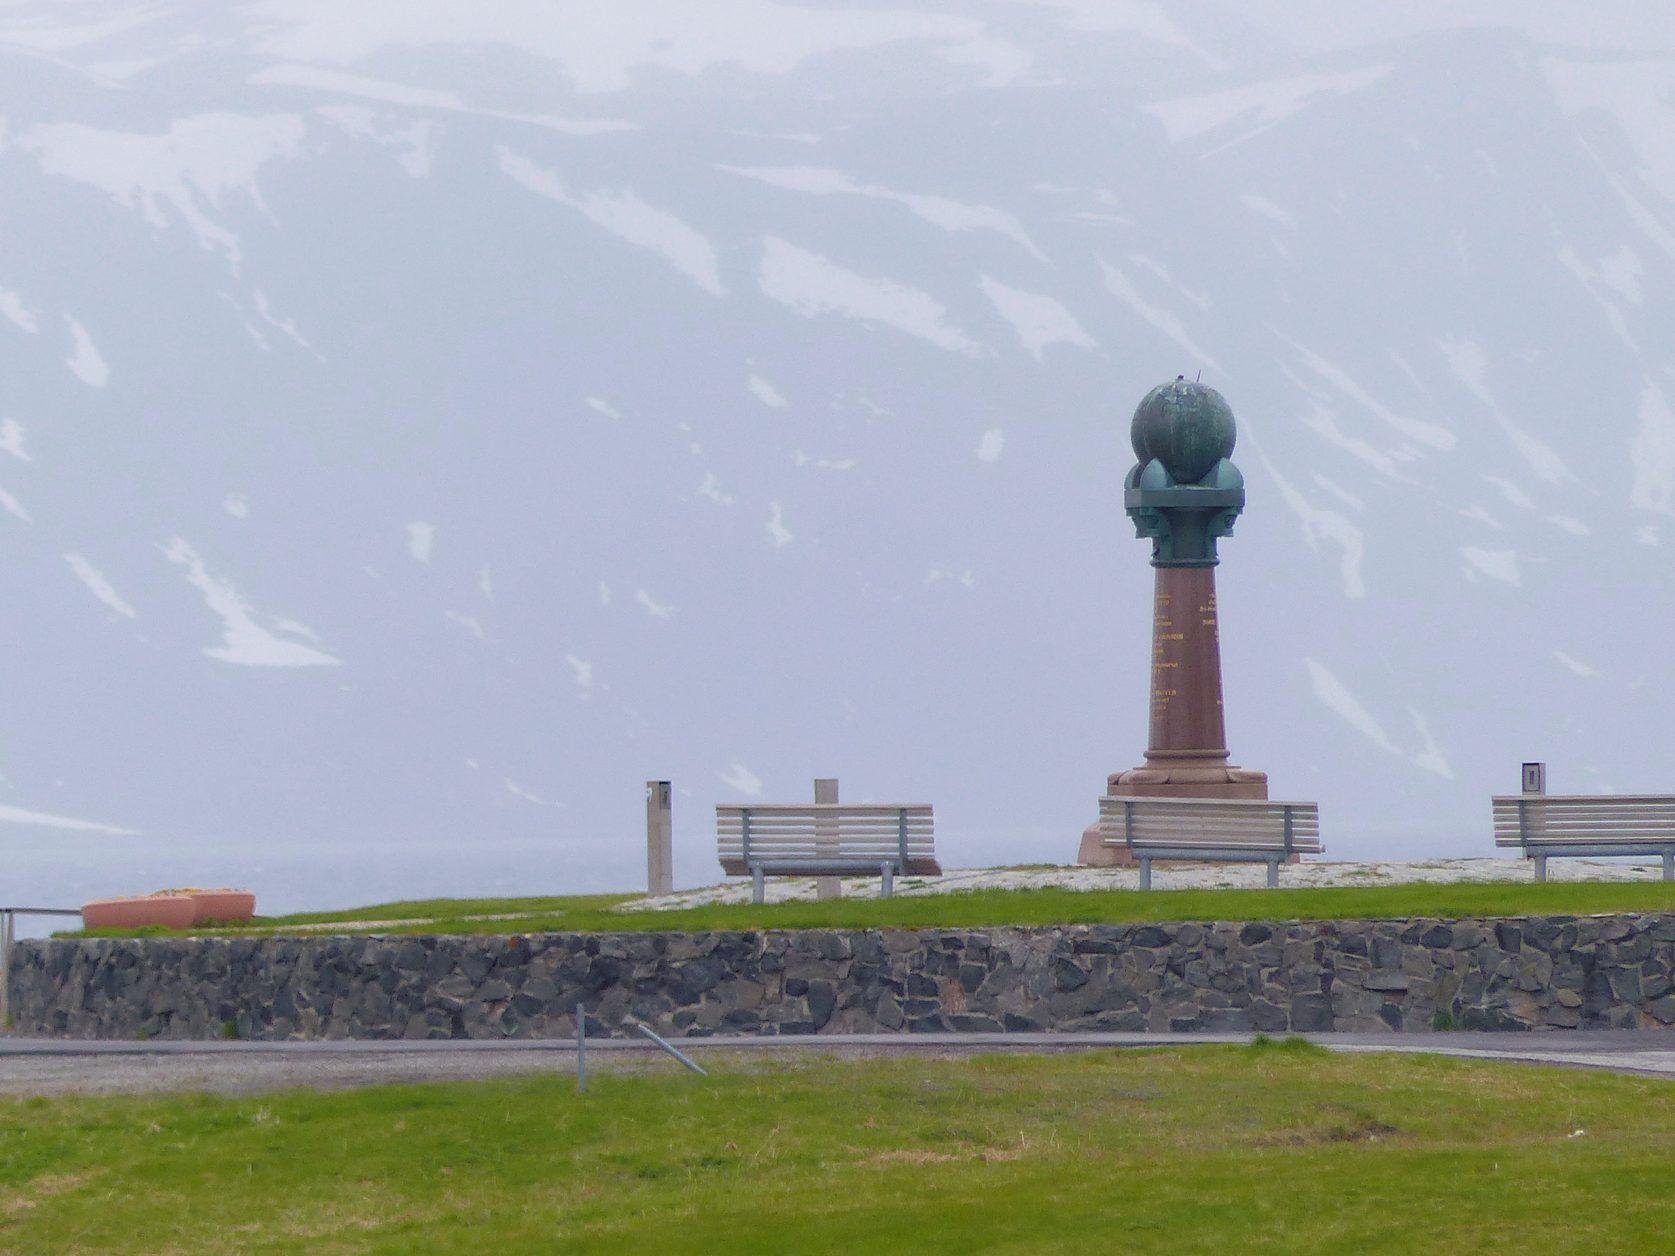 Vor eisiger Kulisse: Der Struve - Gedenkstein in Hammerfest Foto: Weirauch